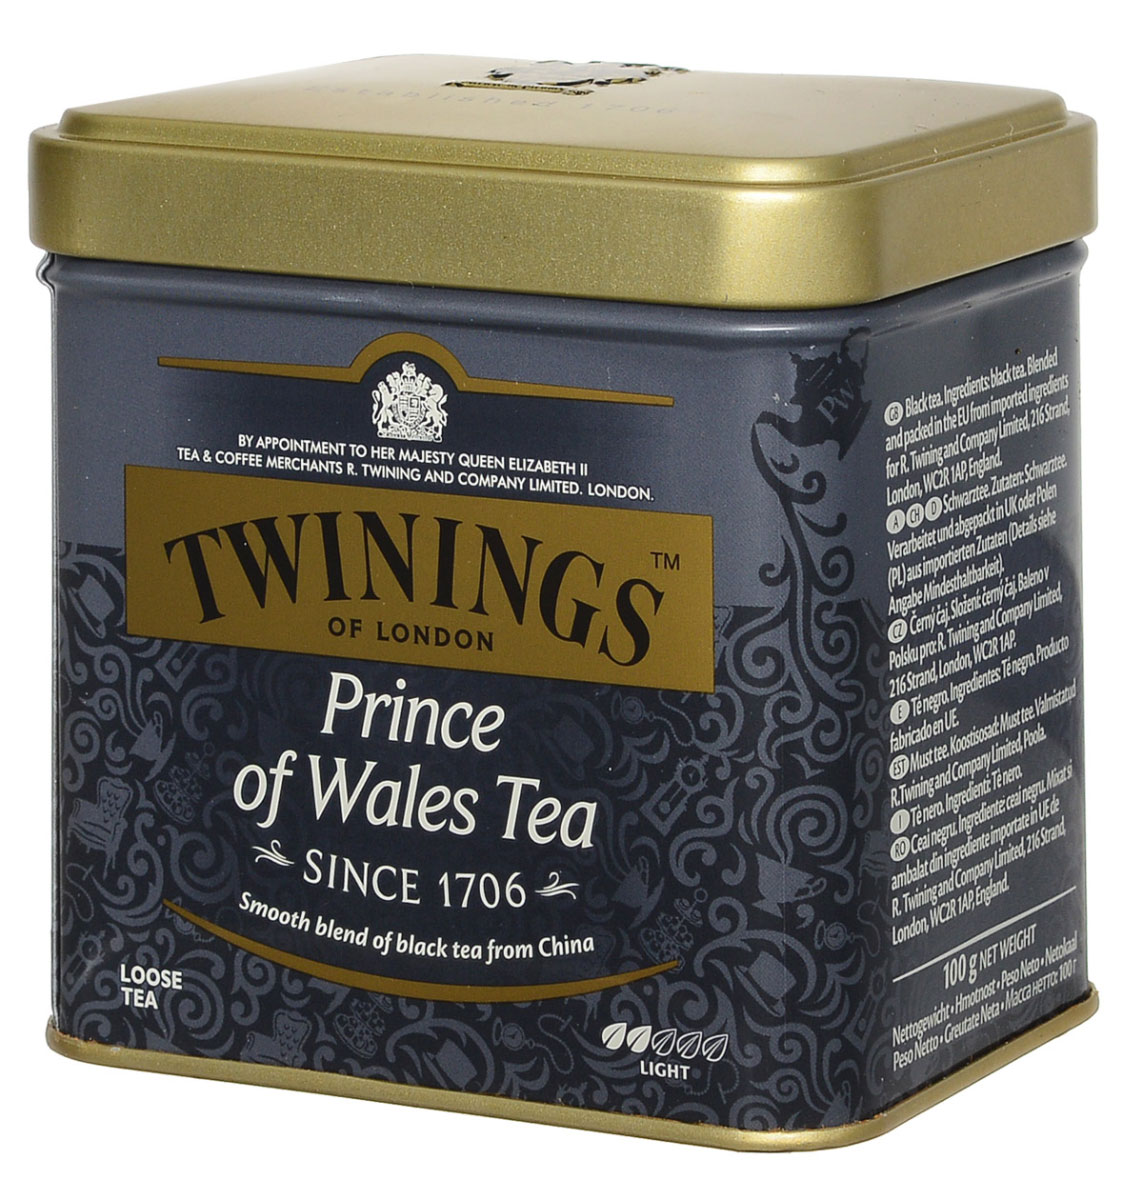 Twinings Prince of Wales чай черный листовой, 100 г02172Чай Twinings Prince of Wales идеально подойдет для любителей черного китайского чая. Готовый чай имеет насыщенный неповторимый вкус и аромат.